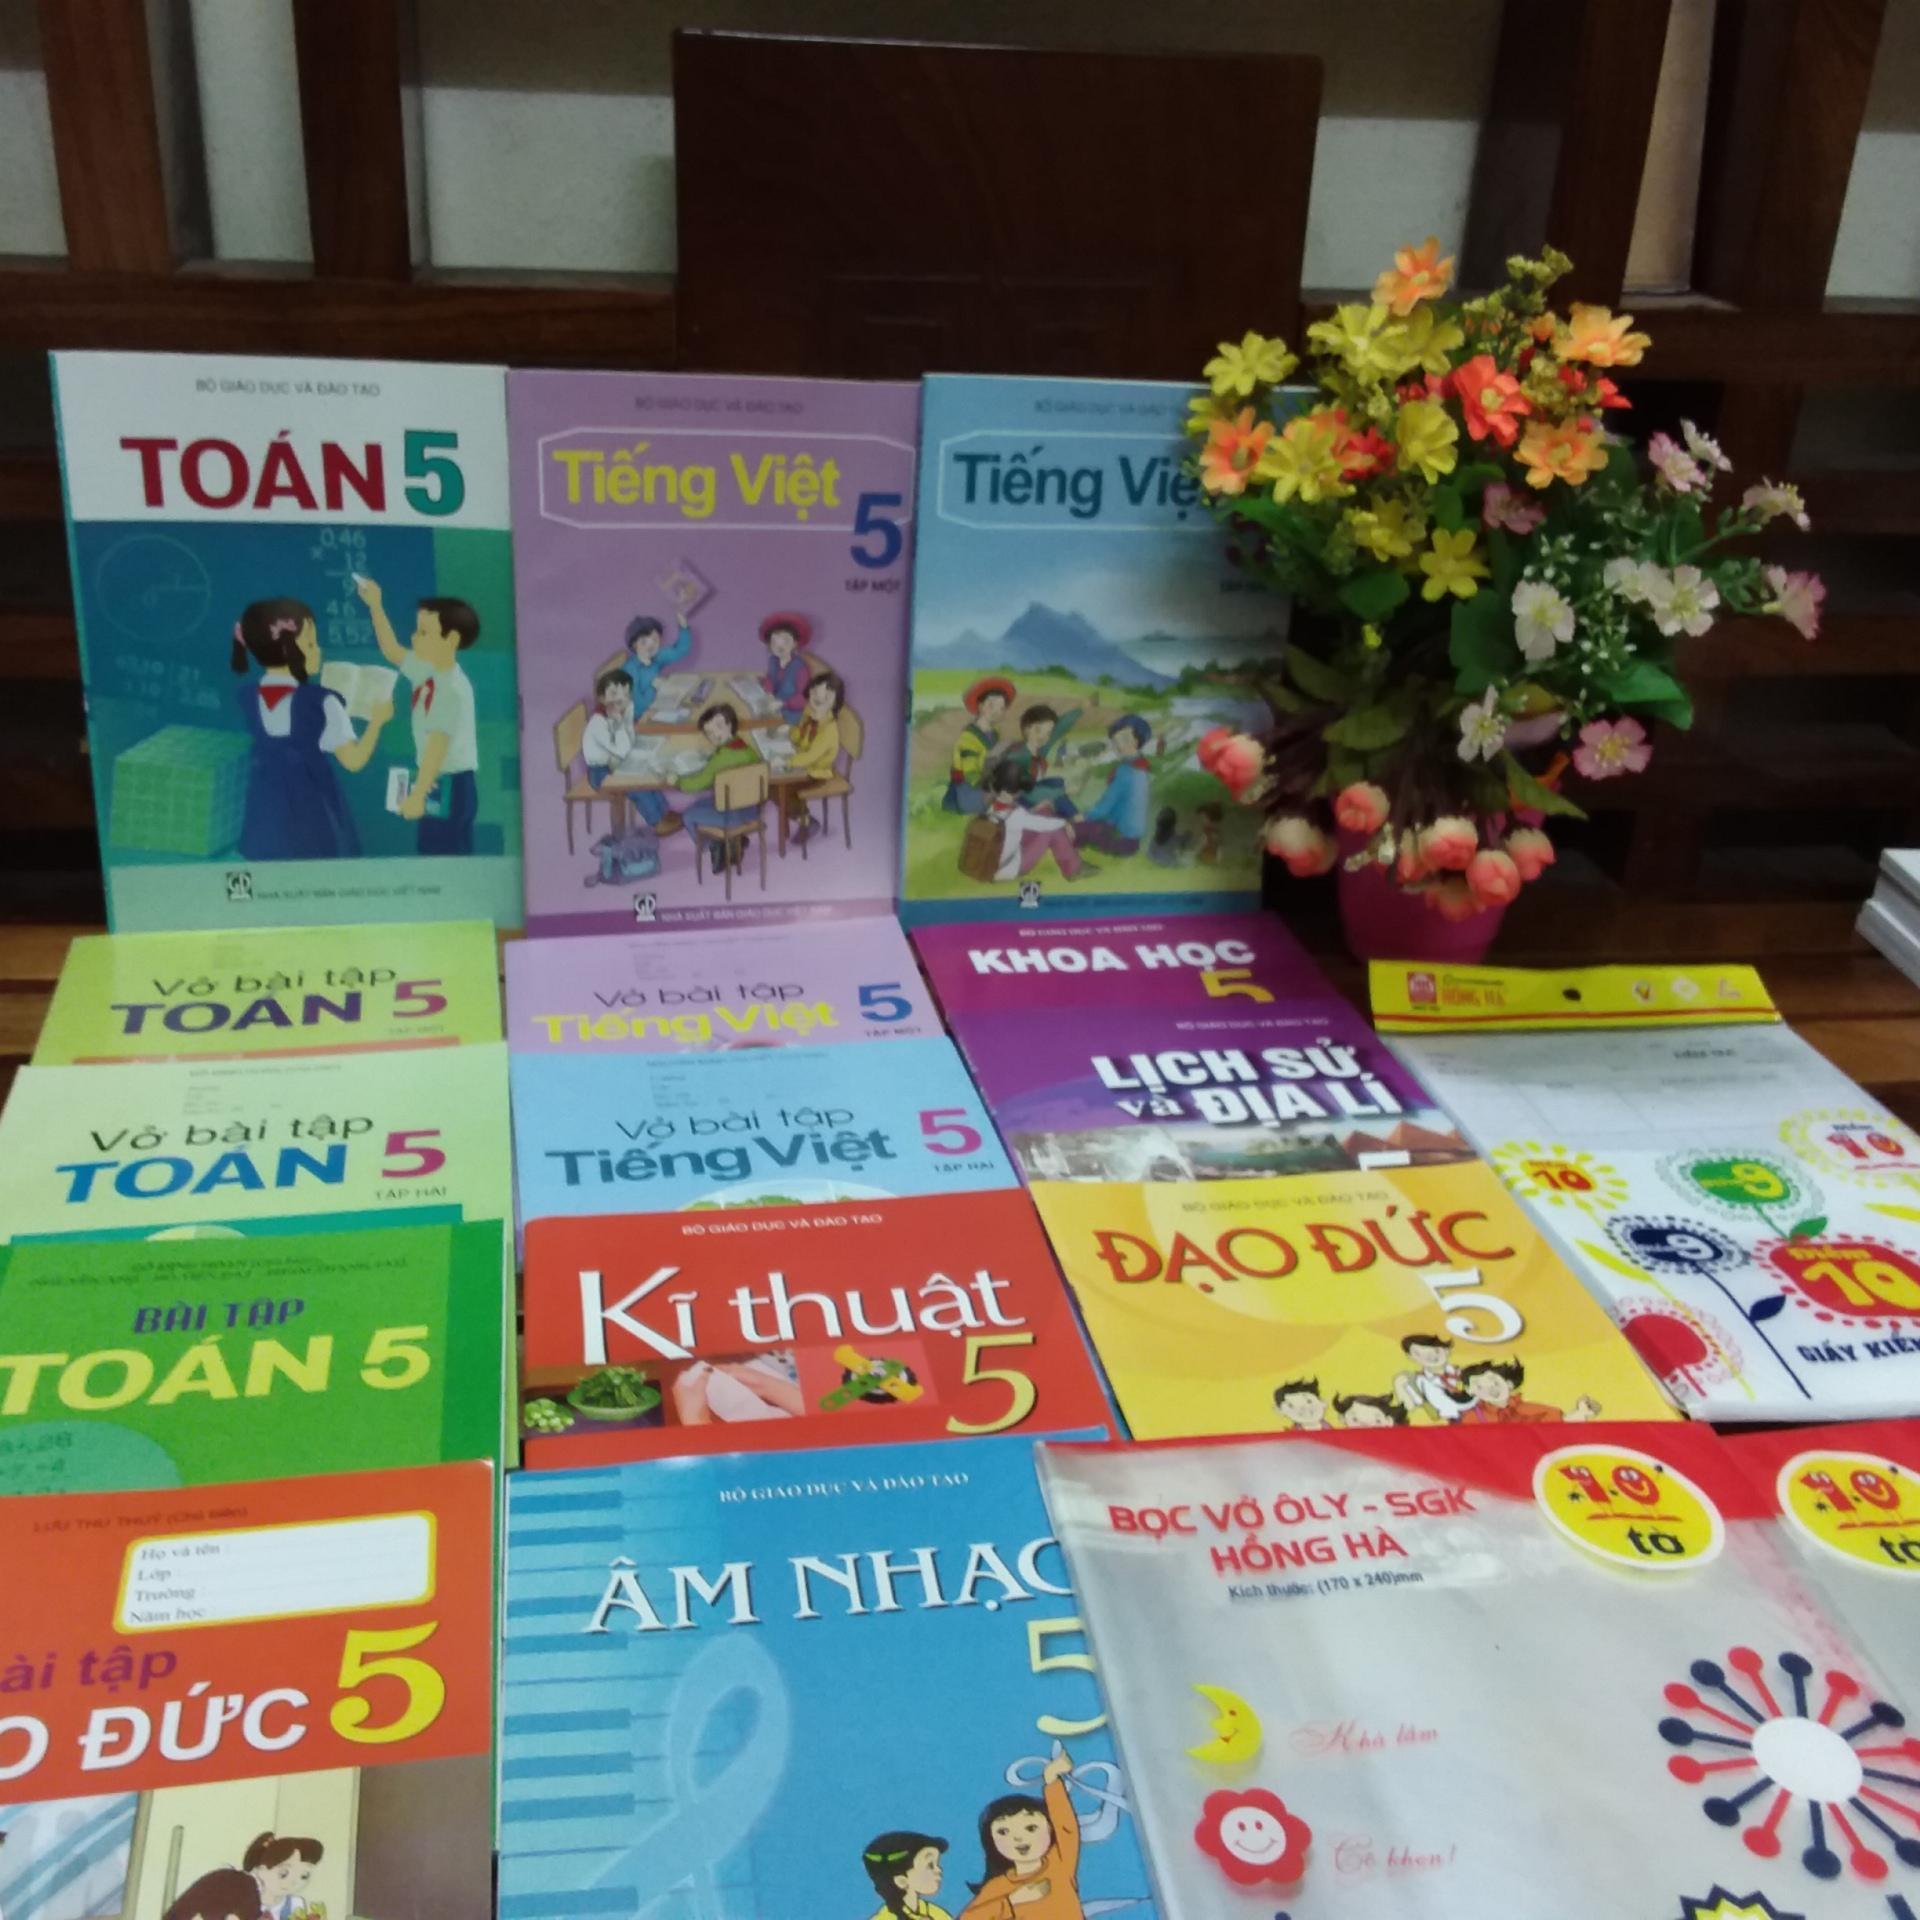 Mua Bộ sách giáo khoa lớp 5 ( gồm 18 cuốn sách + bài tập ) + 2 tập bọc sách giáo khoa +1 tập giấy kiểm tra Hồng hà